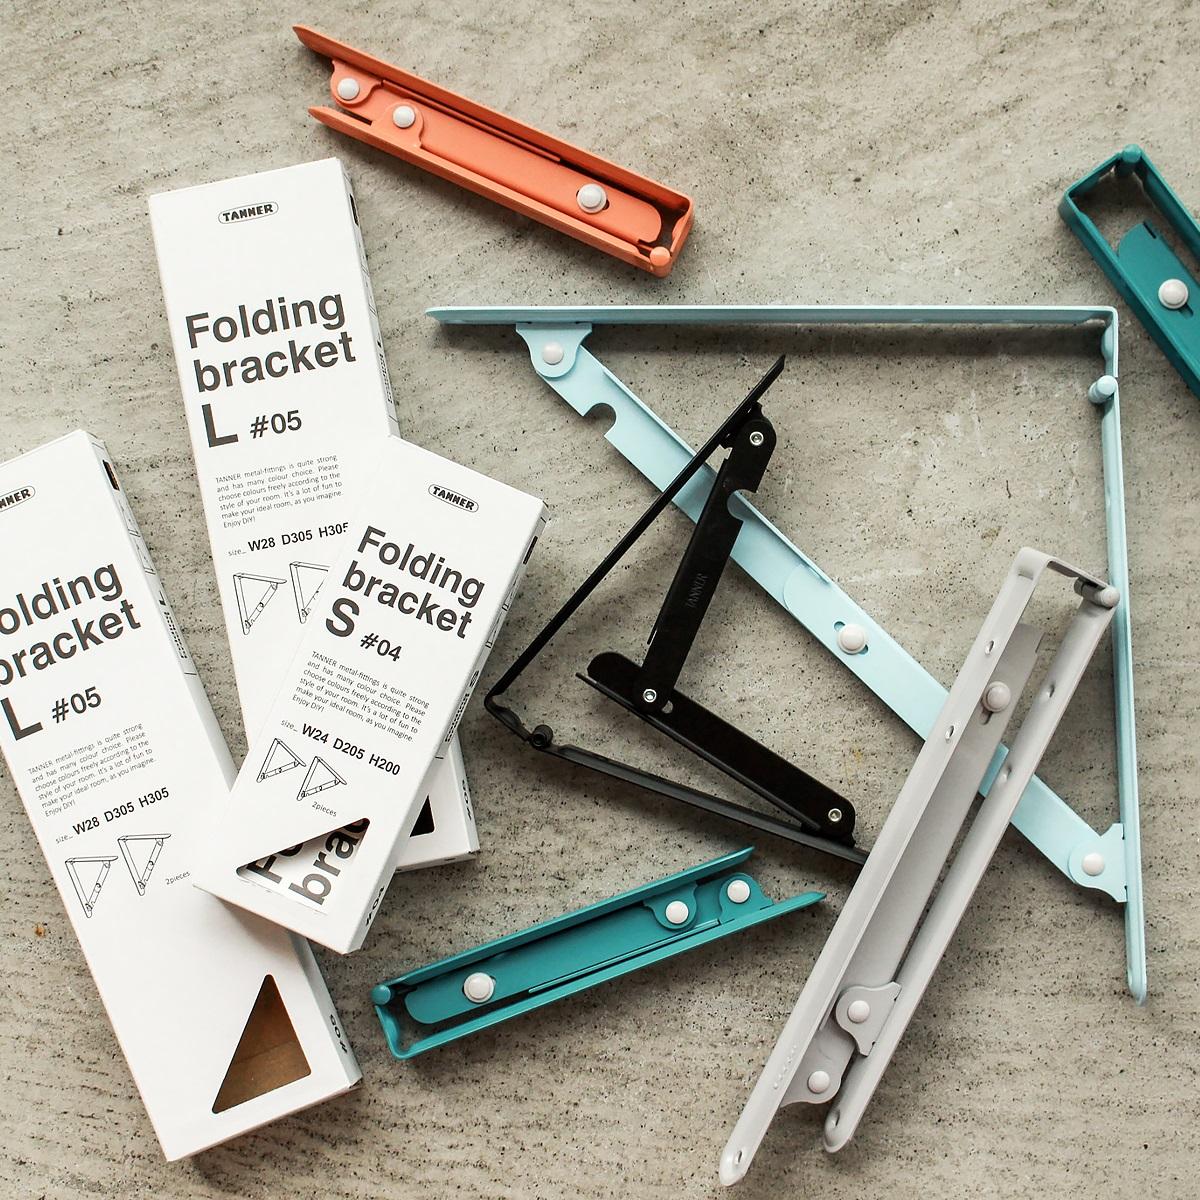 折りたたみ式アイアン棚受け S オレンジ 1組(2本入) TANNER Folding bracket